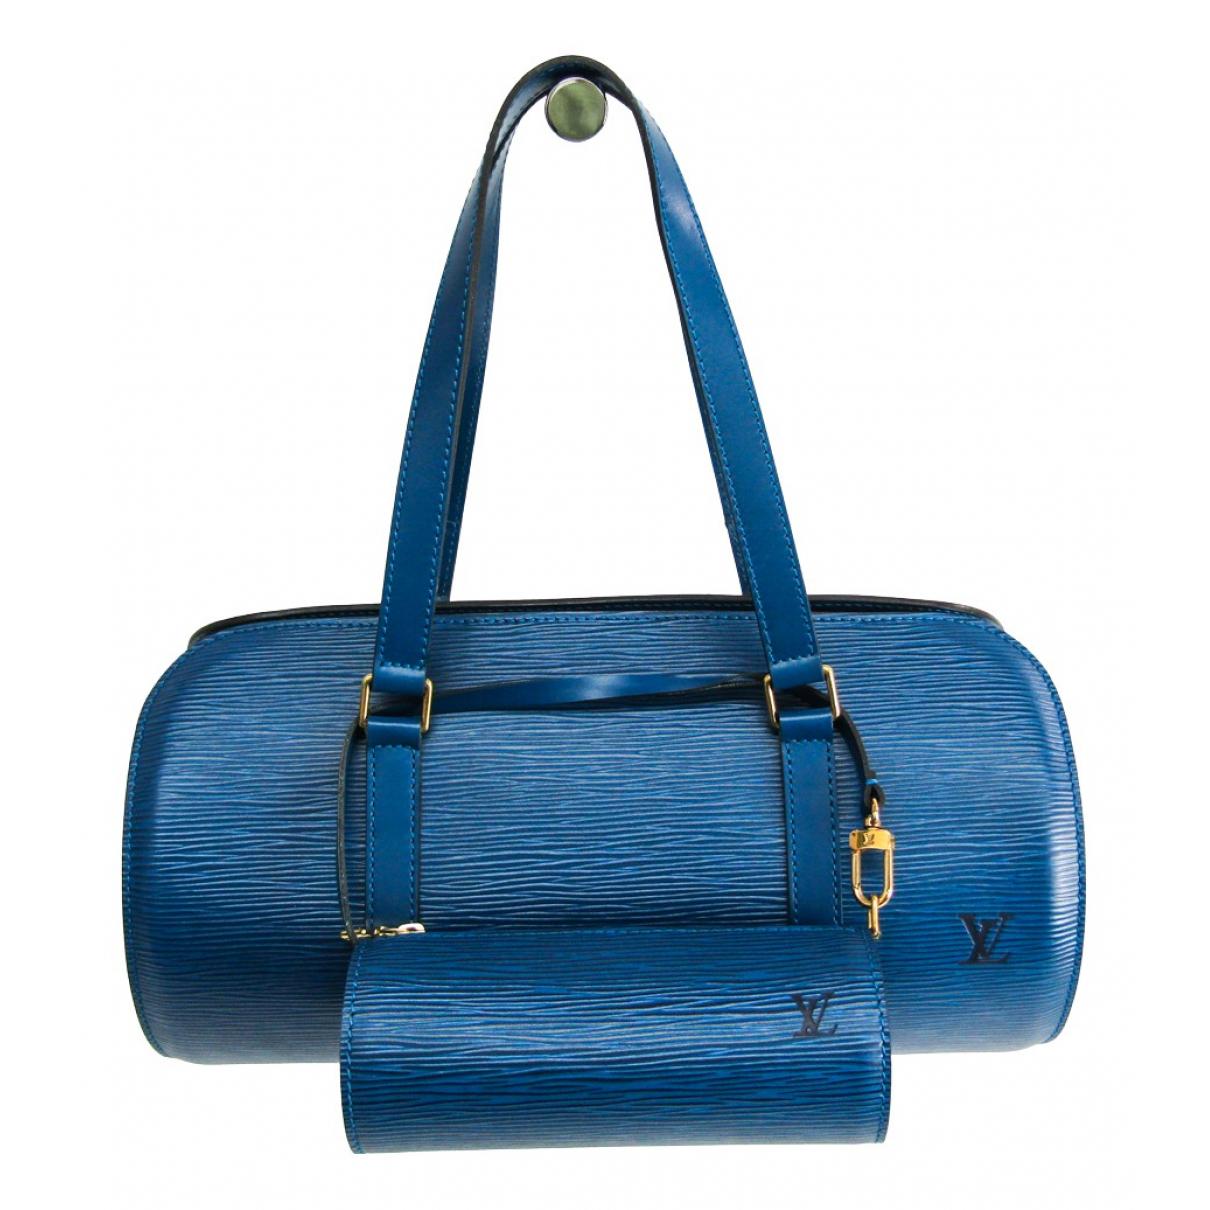 Louis Vuitton - Sac a main Papillon pour femme en cuir - bleu